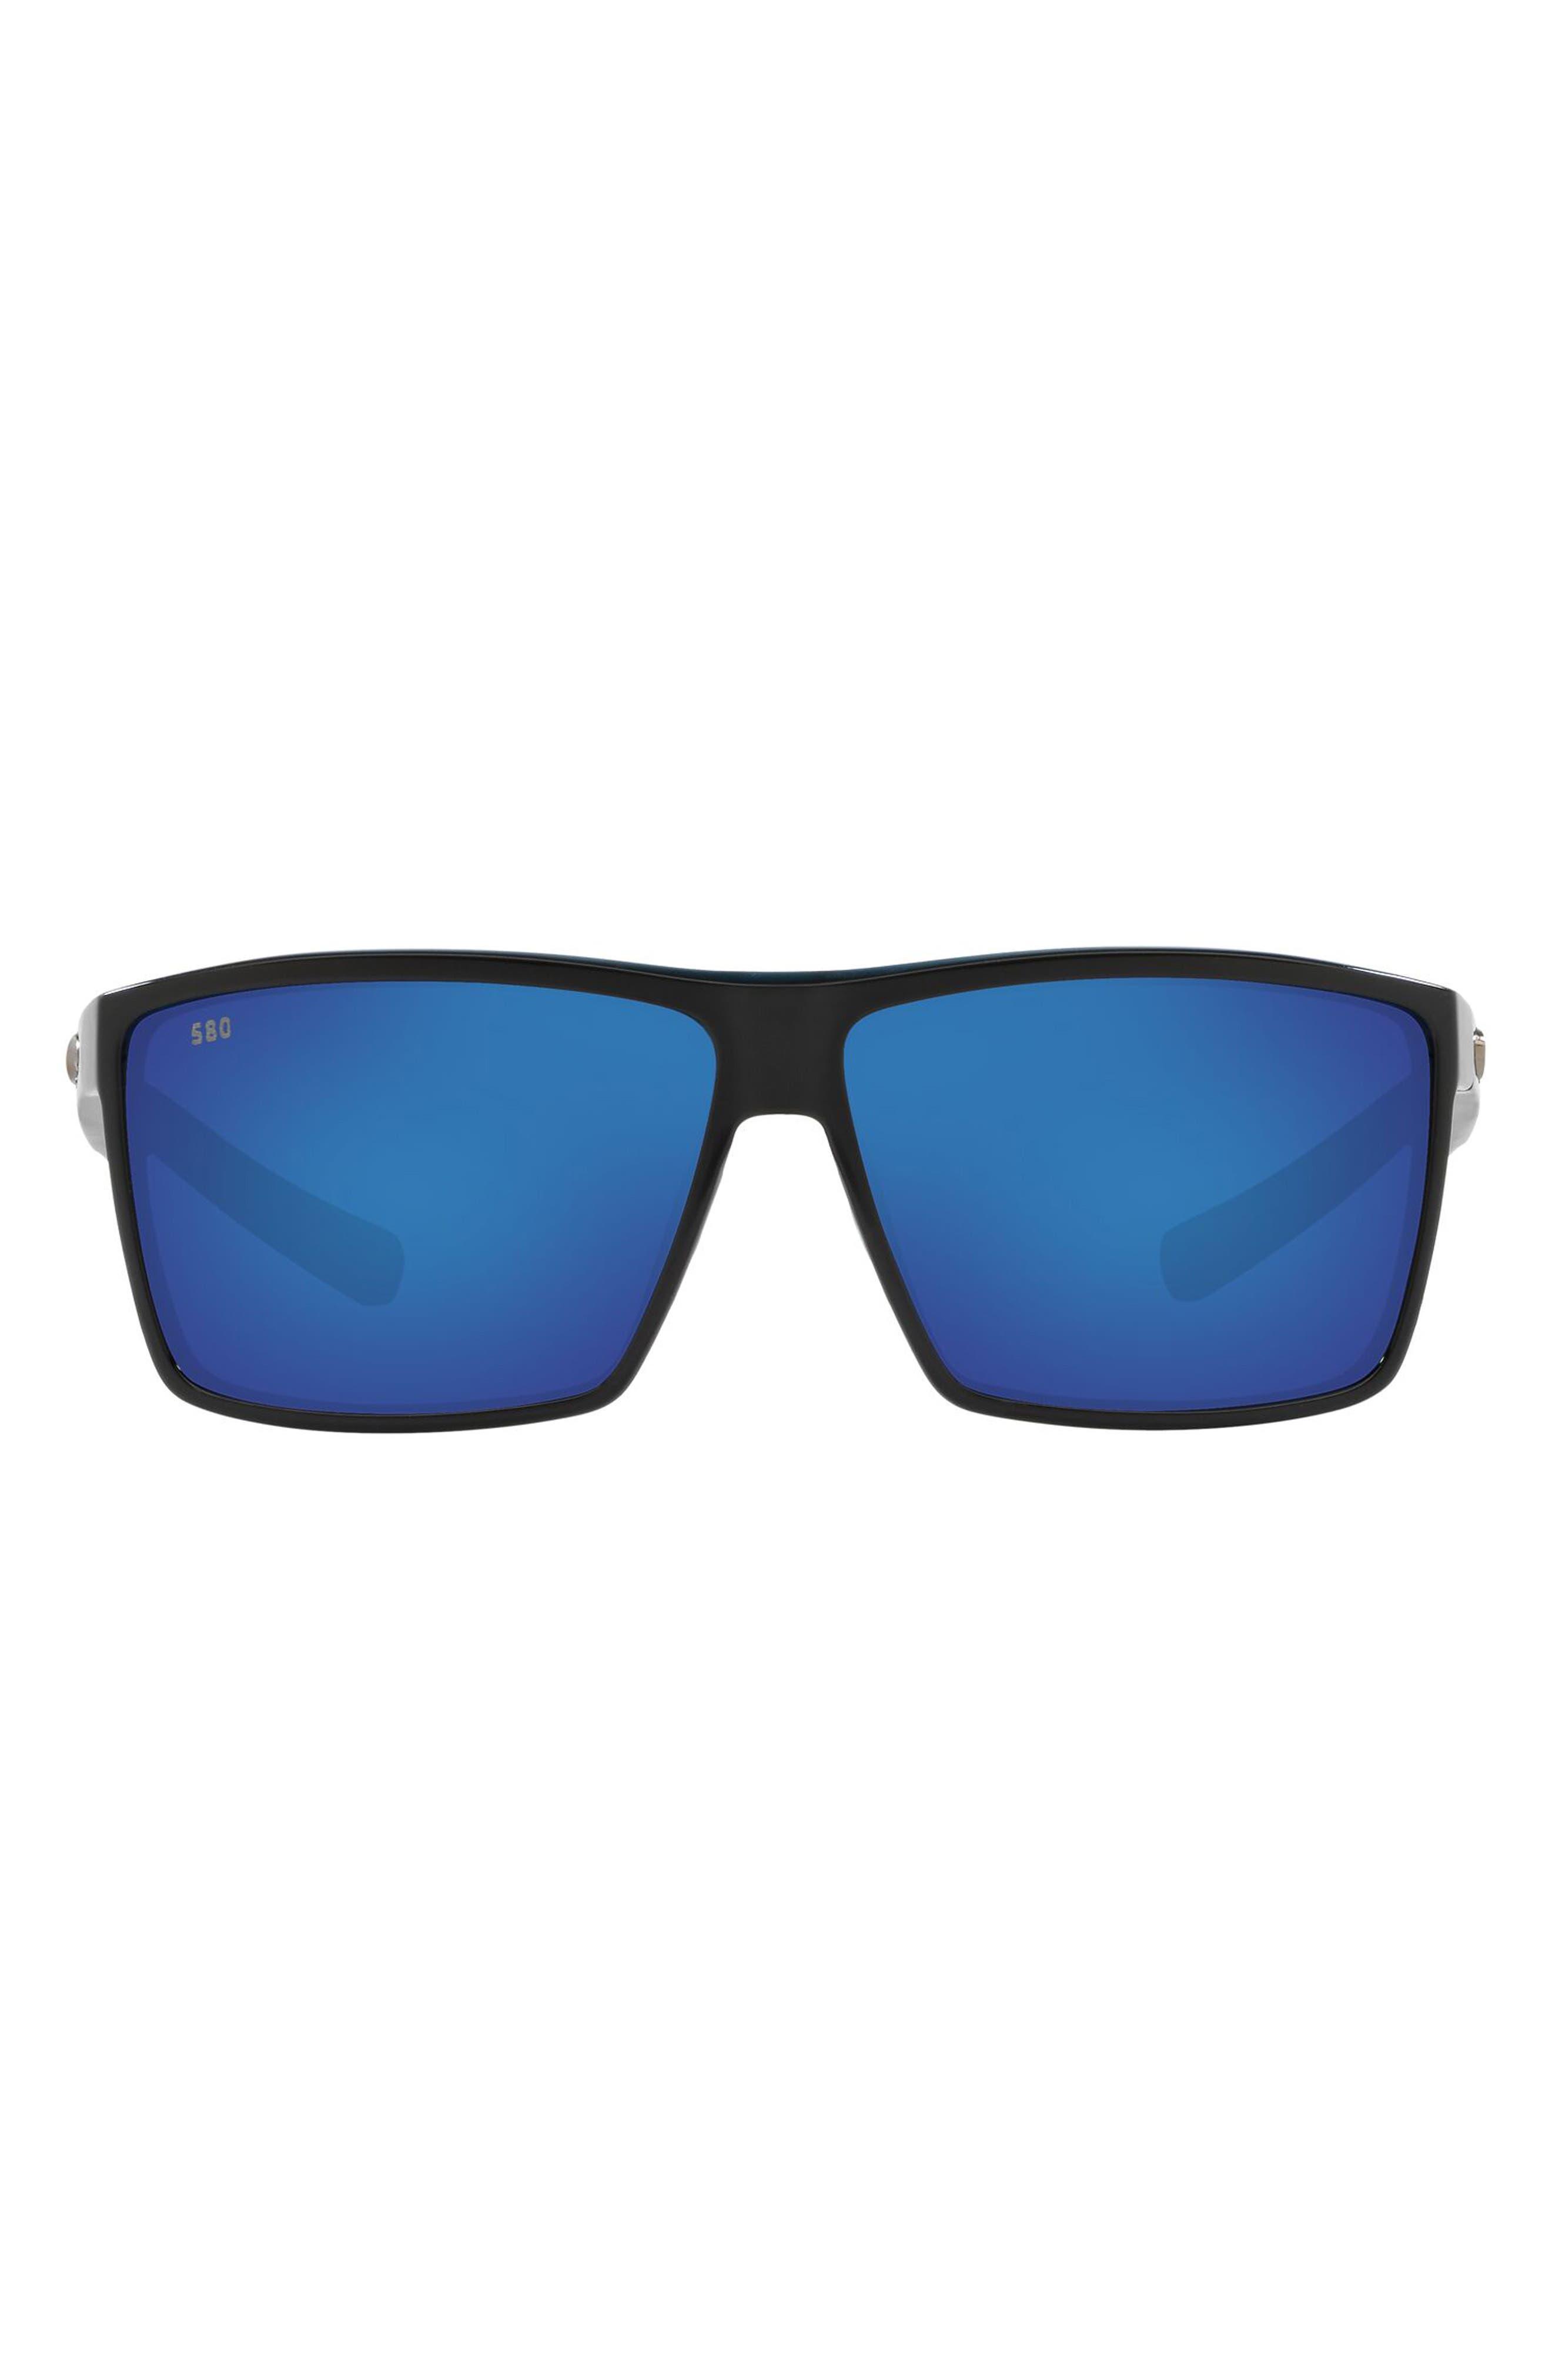 63mm Polarized Oversize Rectangle Sunglasses